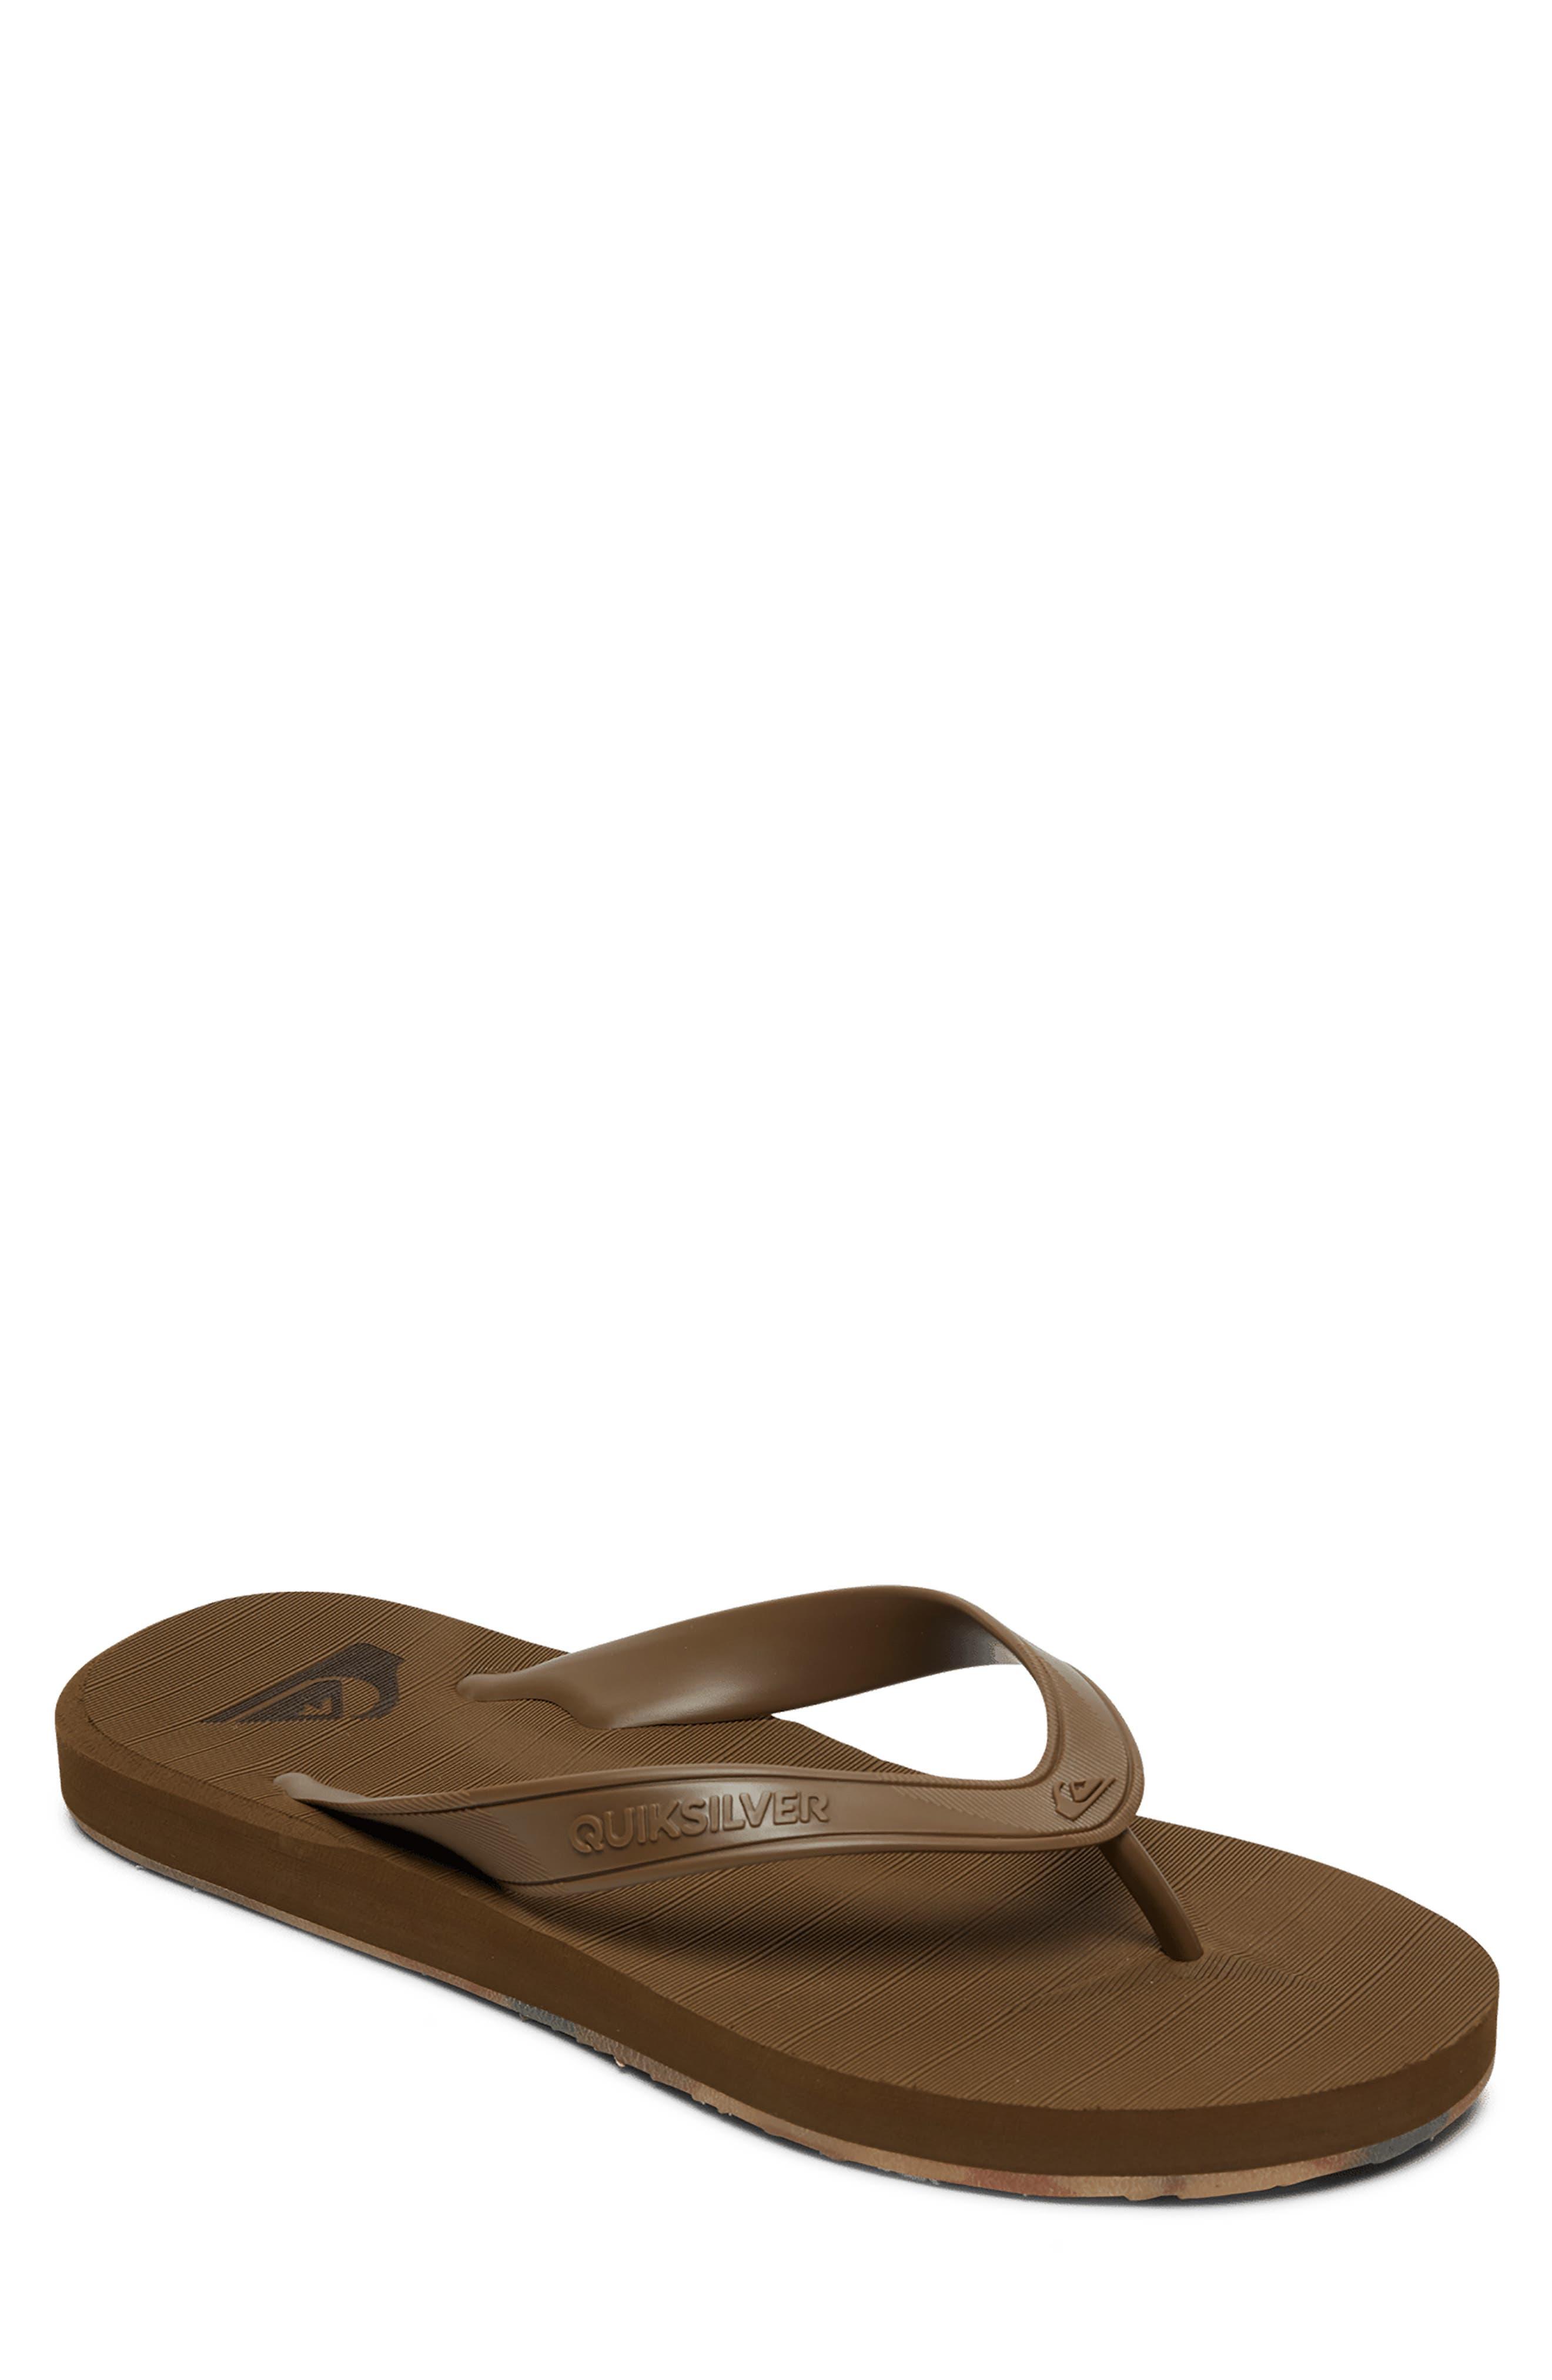 flip flop slippers under 2